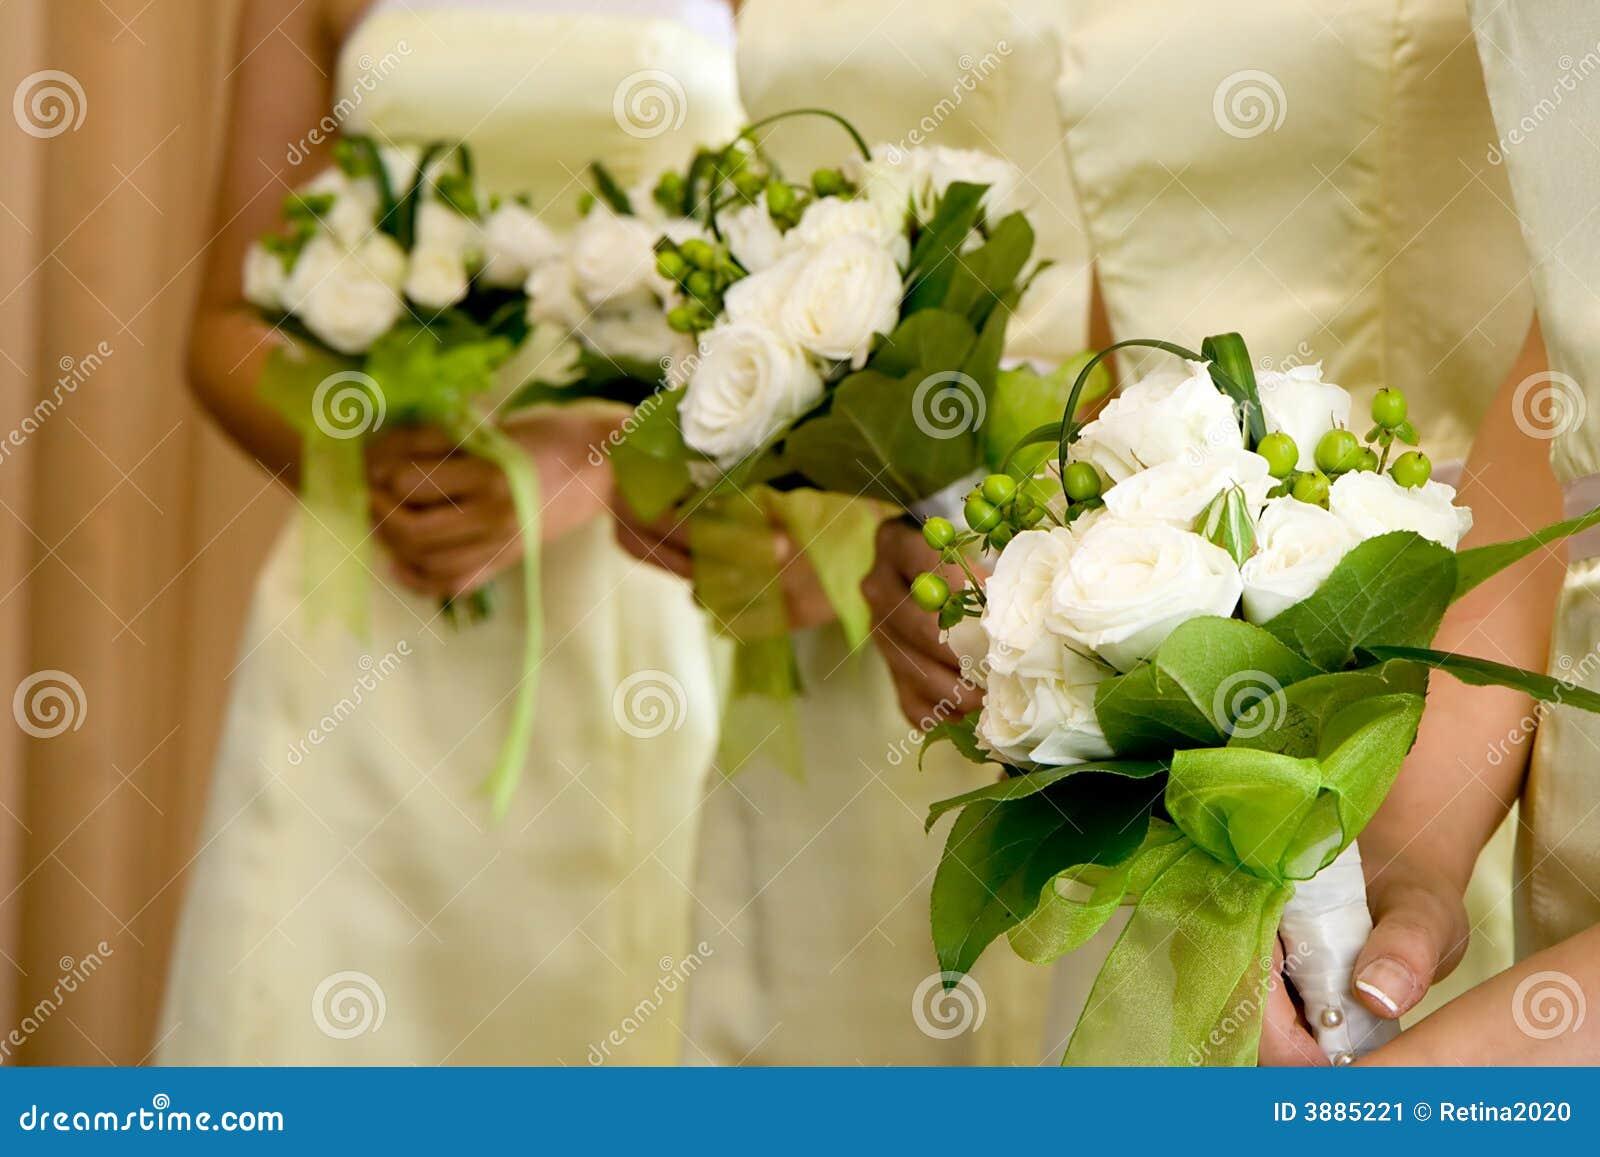 Hochzeits Brautjunfer Blumenstrausse Stockbild Bild Von Hochzeit